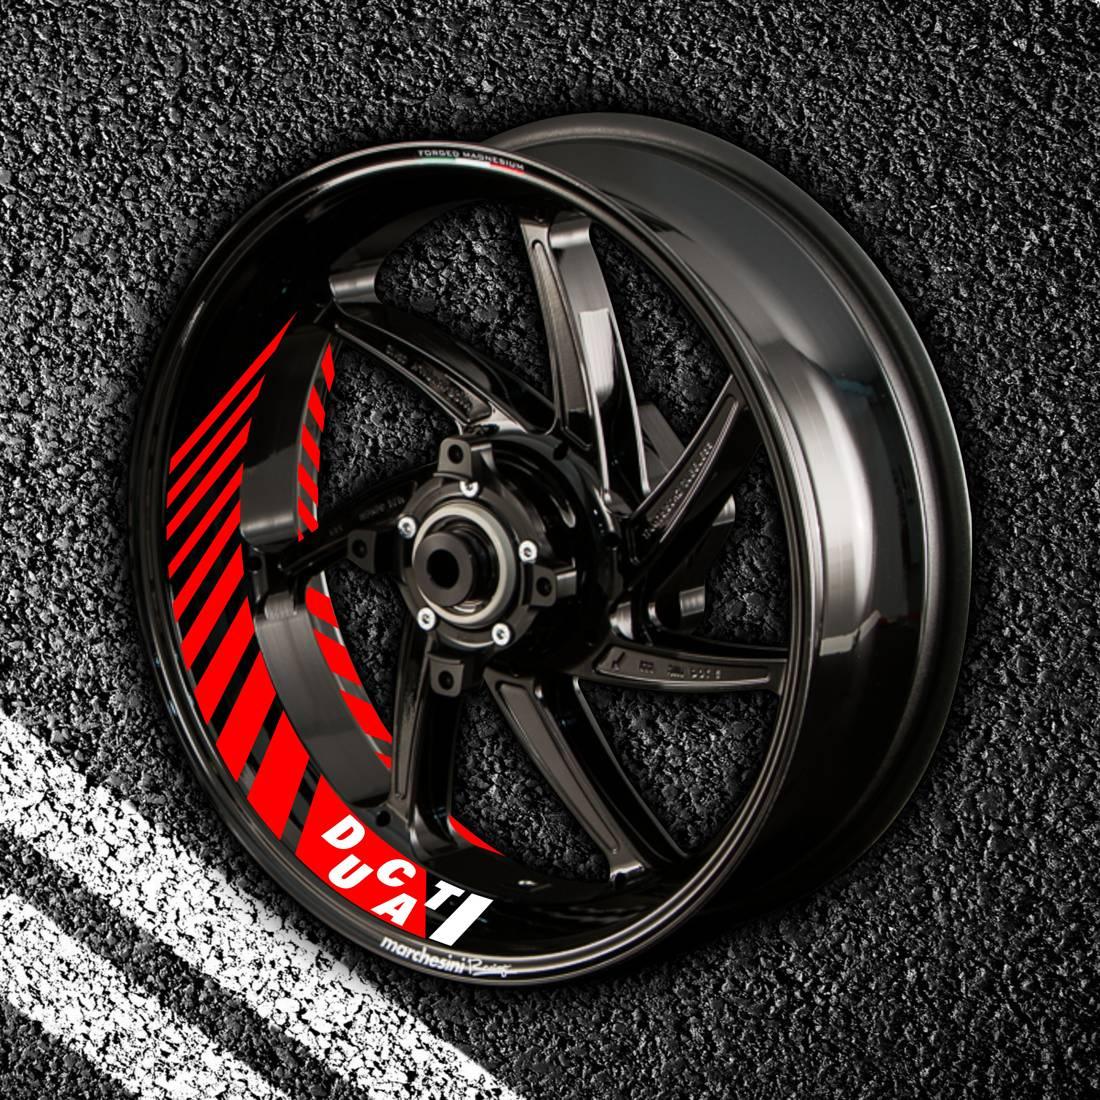 Комплект наклеек с полосами на колеса мотоцикла DUCATI